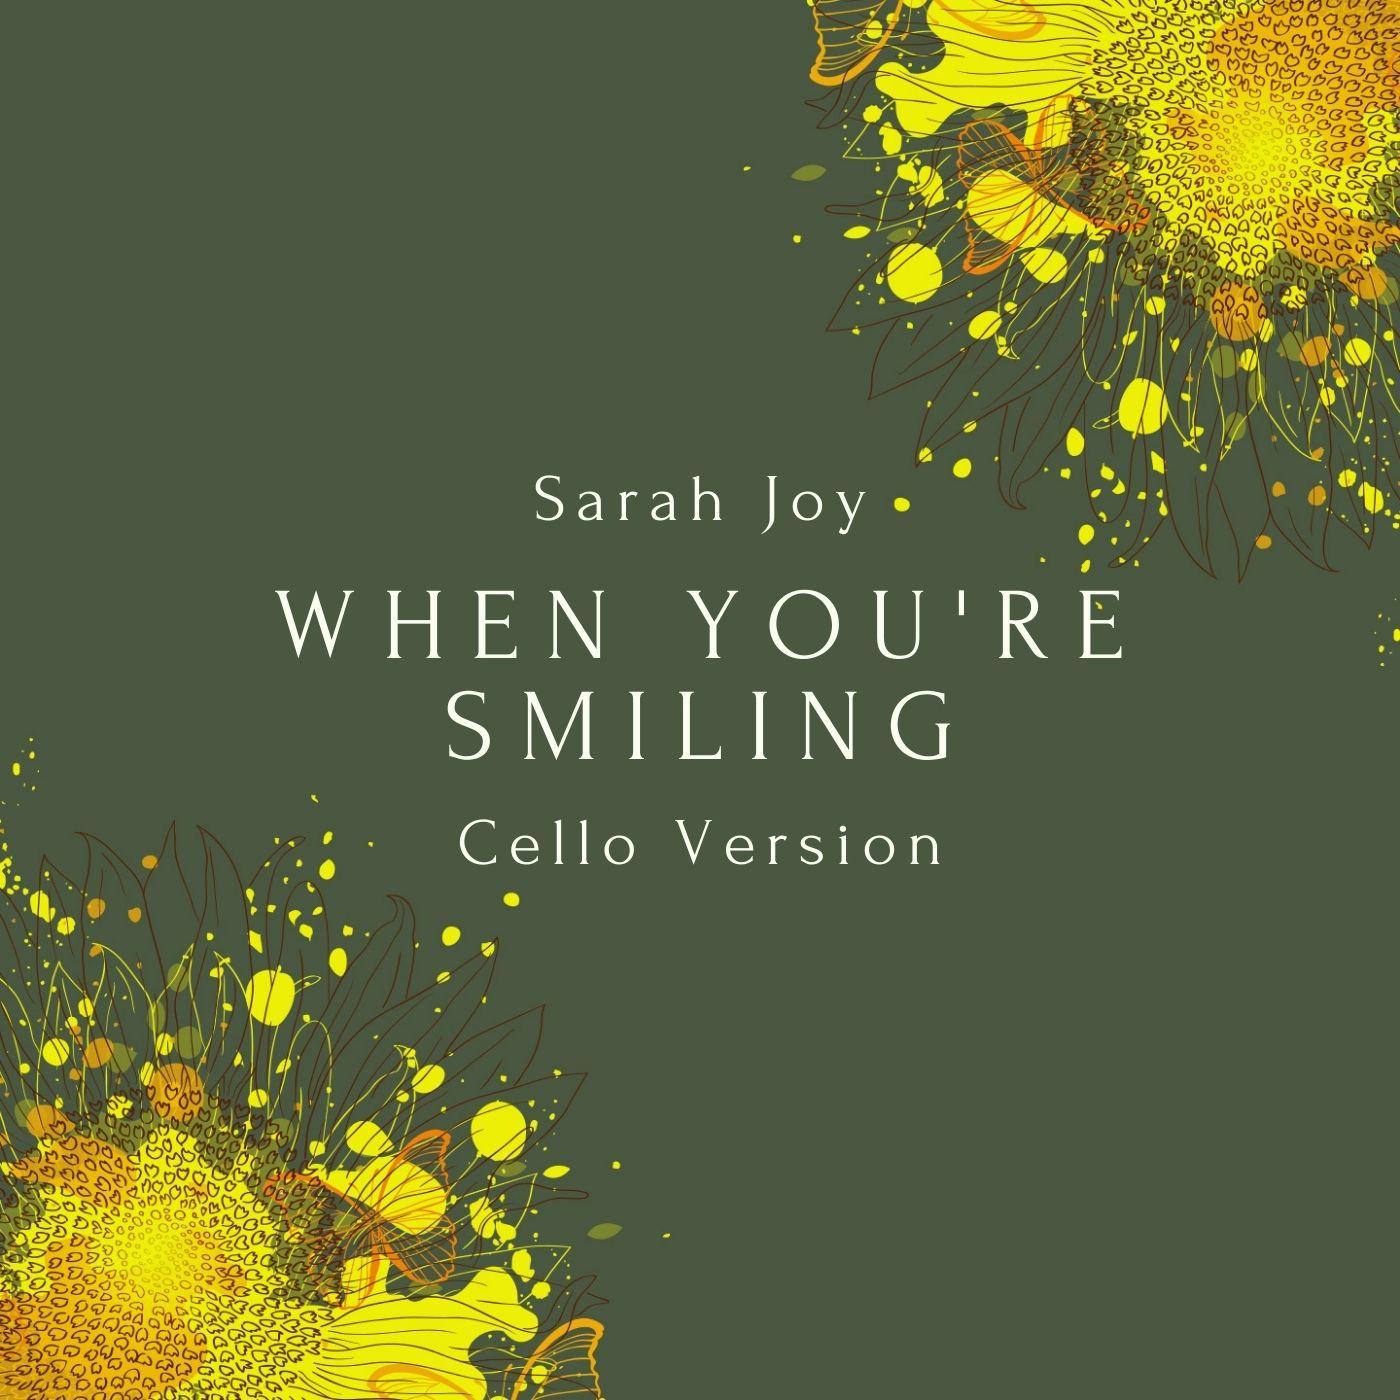 When You're Smiling (Cello Version)